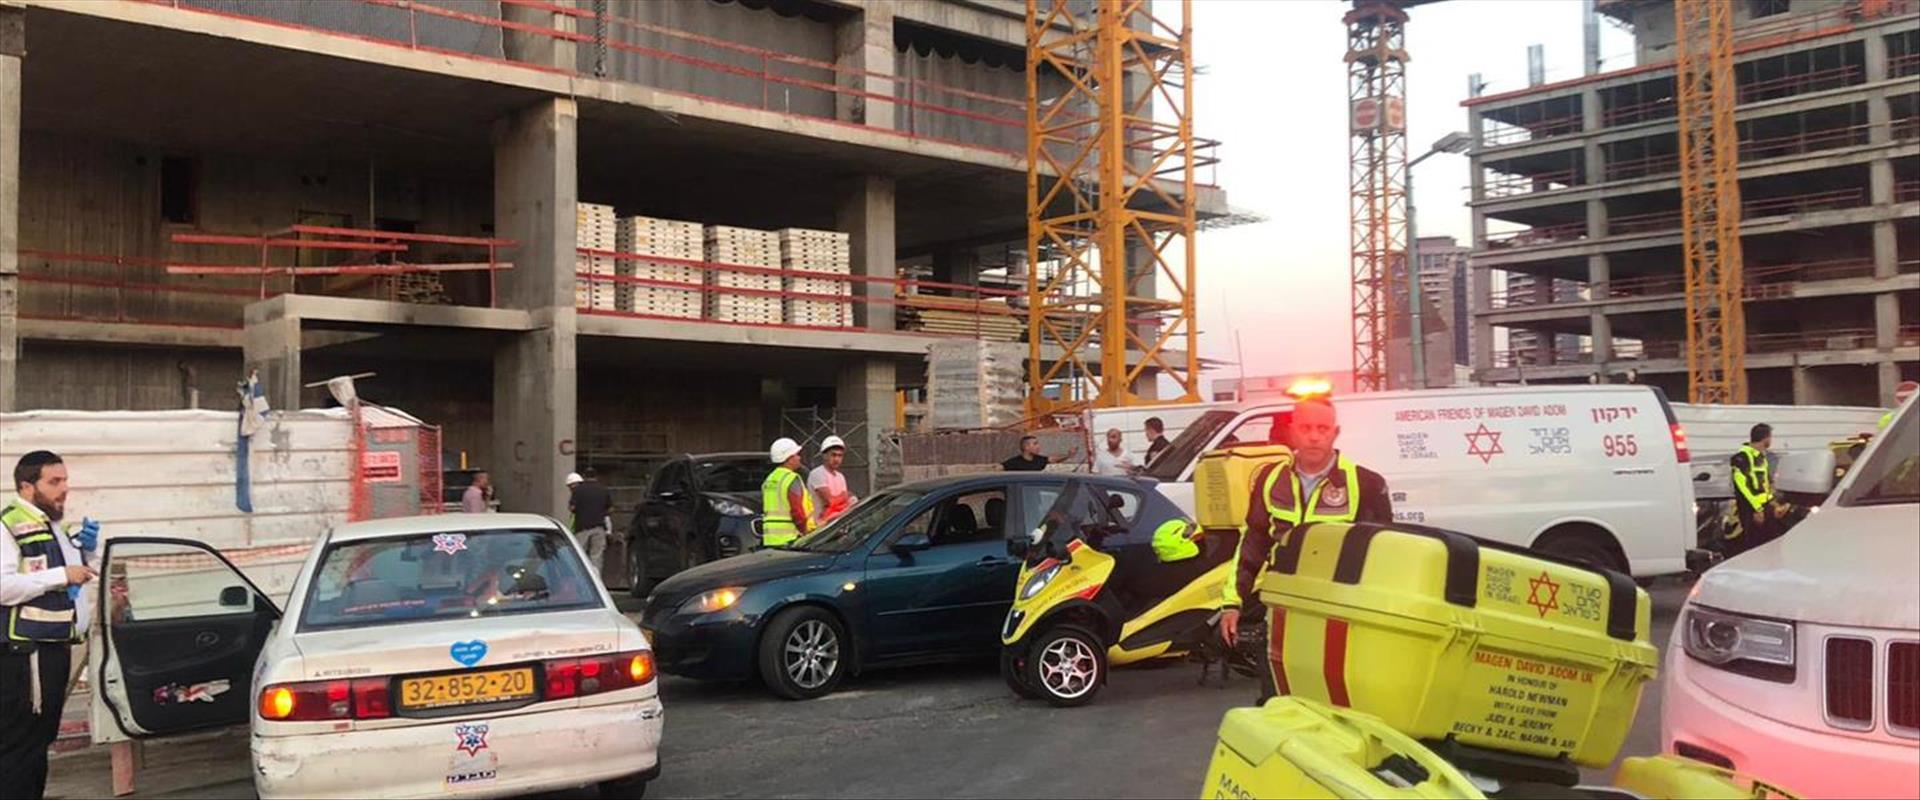 תאונה באתר בנייה